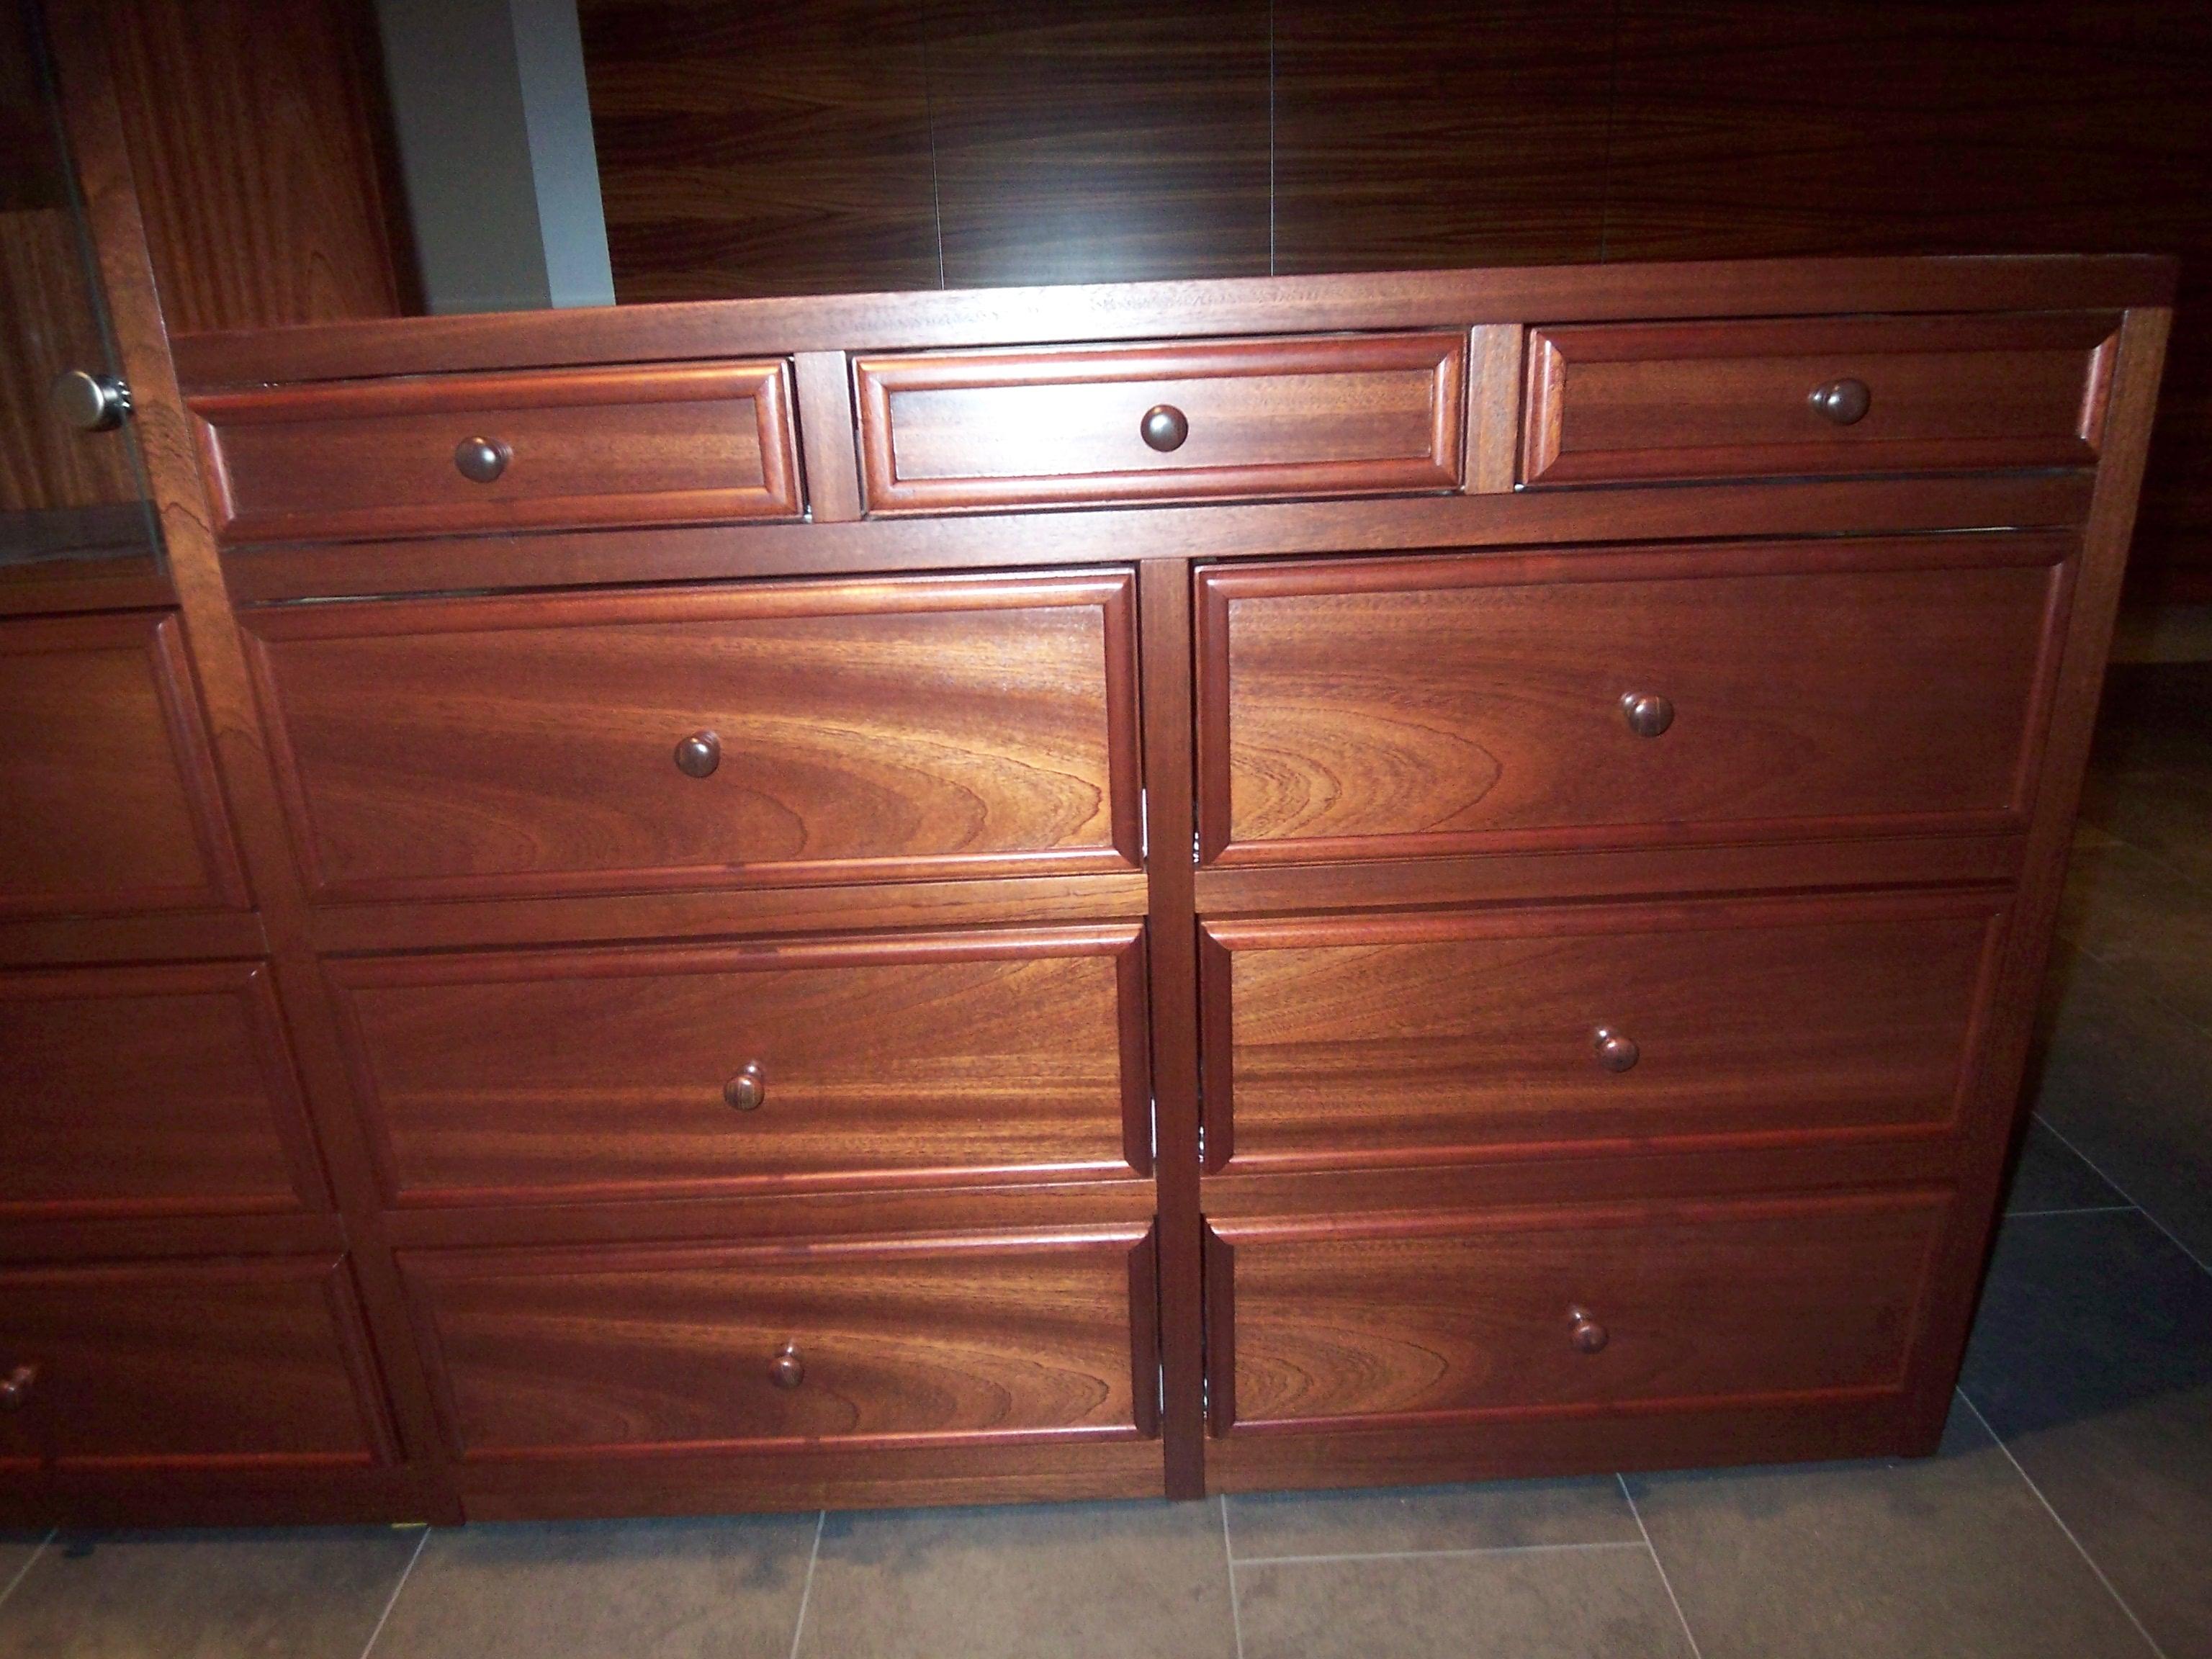 kunde bestellt m bel die zu seinen vorhandenen passen. Black Bedroom Furniture Sets. Home Design Ideas